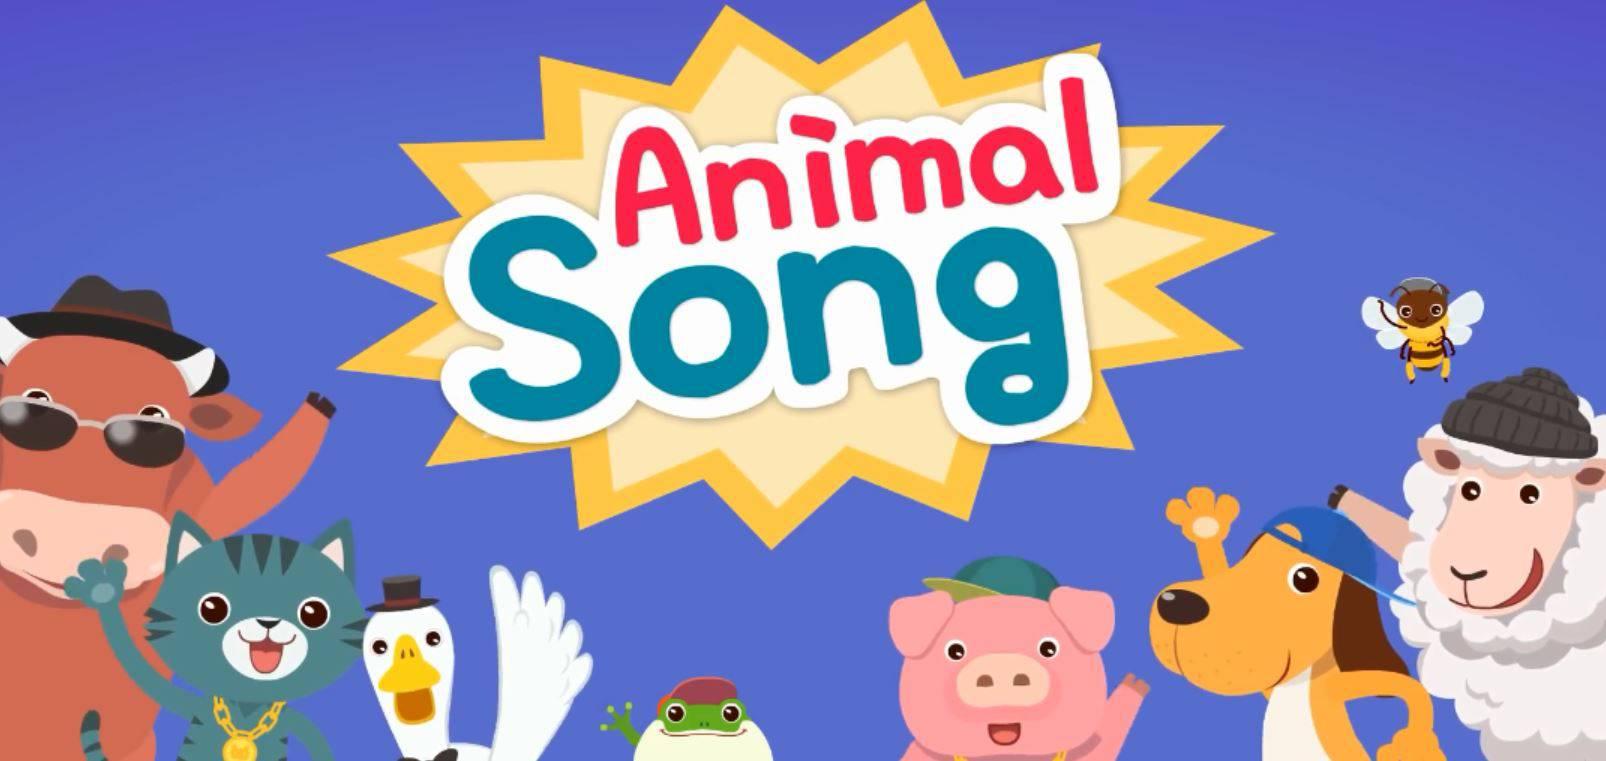 کودک دو زبانه, مجموعه آموزشی Eng Singsing